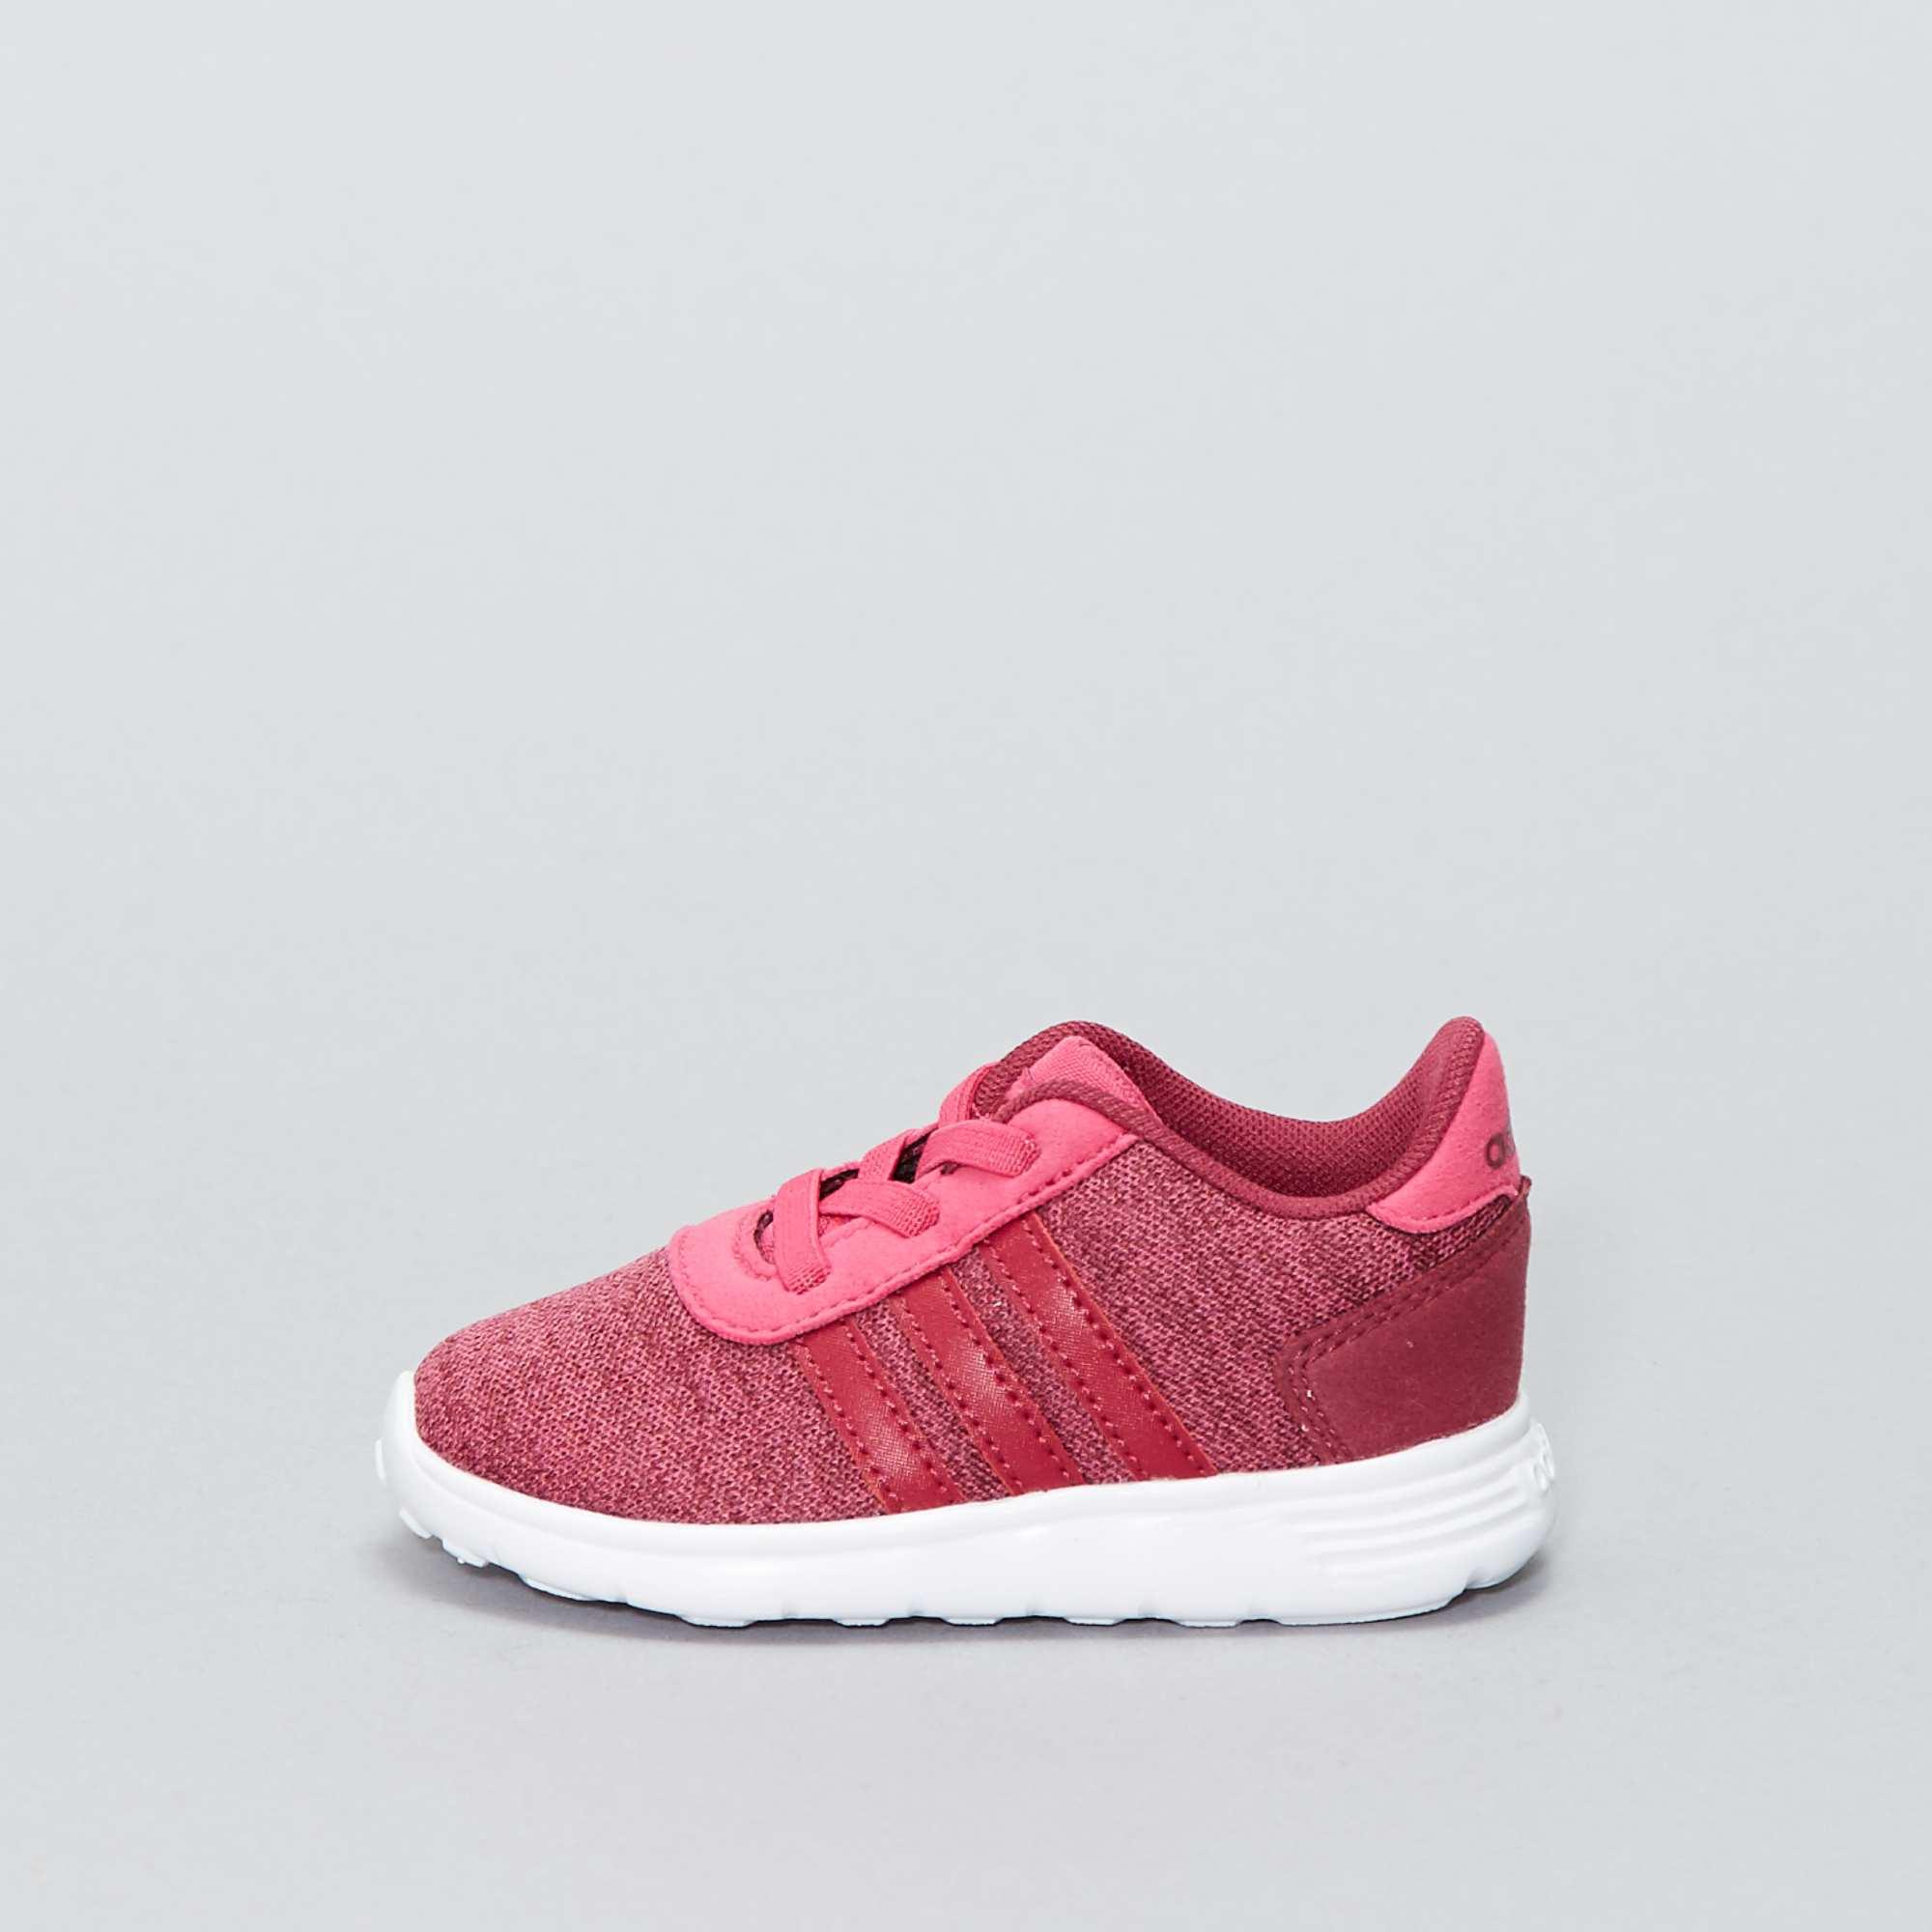 211fbce612f 'Adidas Lite Racer INF'-sneakers ROOD Meisjes babykleding. Loading zoom